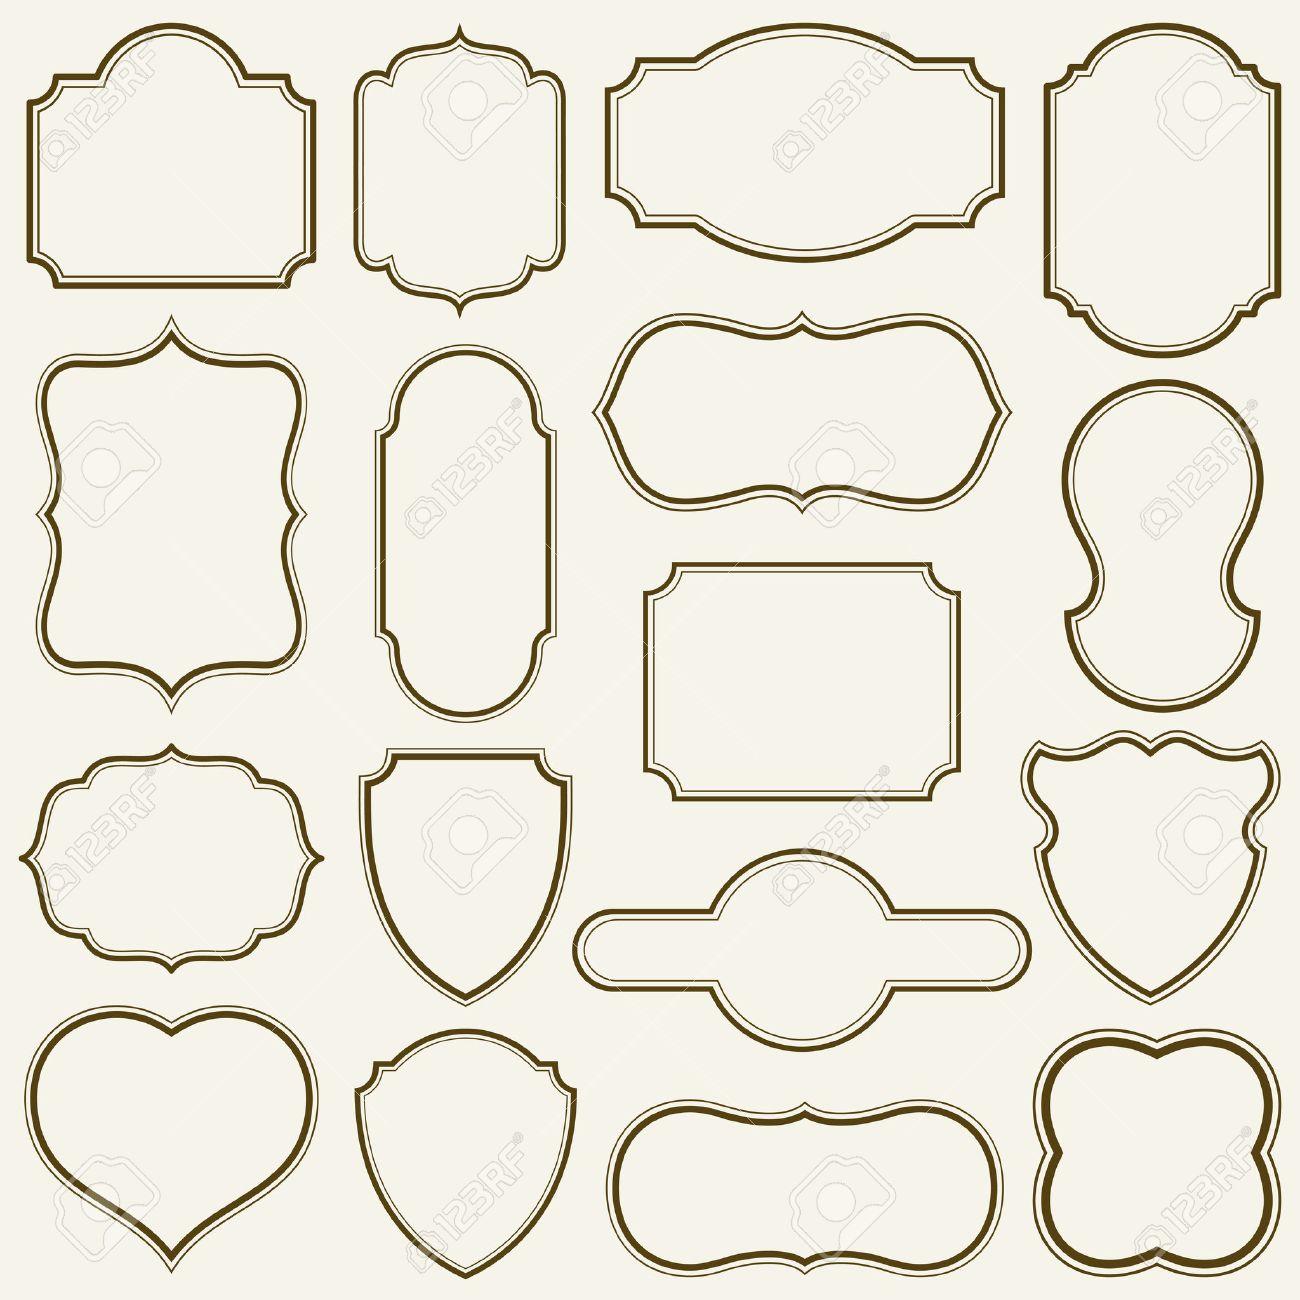 Conjunto De Bastidores Simples Ilustración Vectorial. Ilustraciones ...